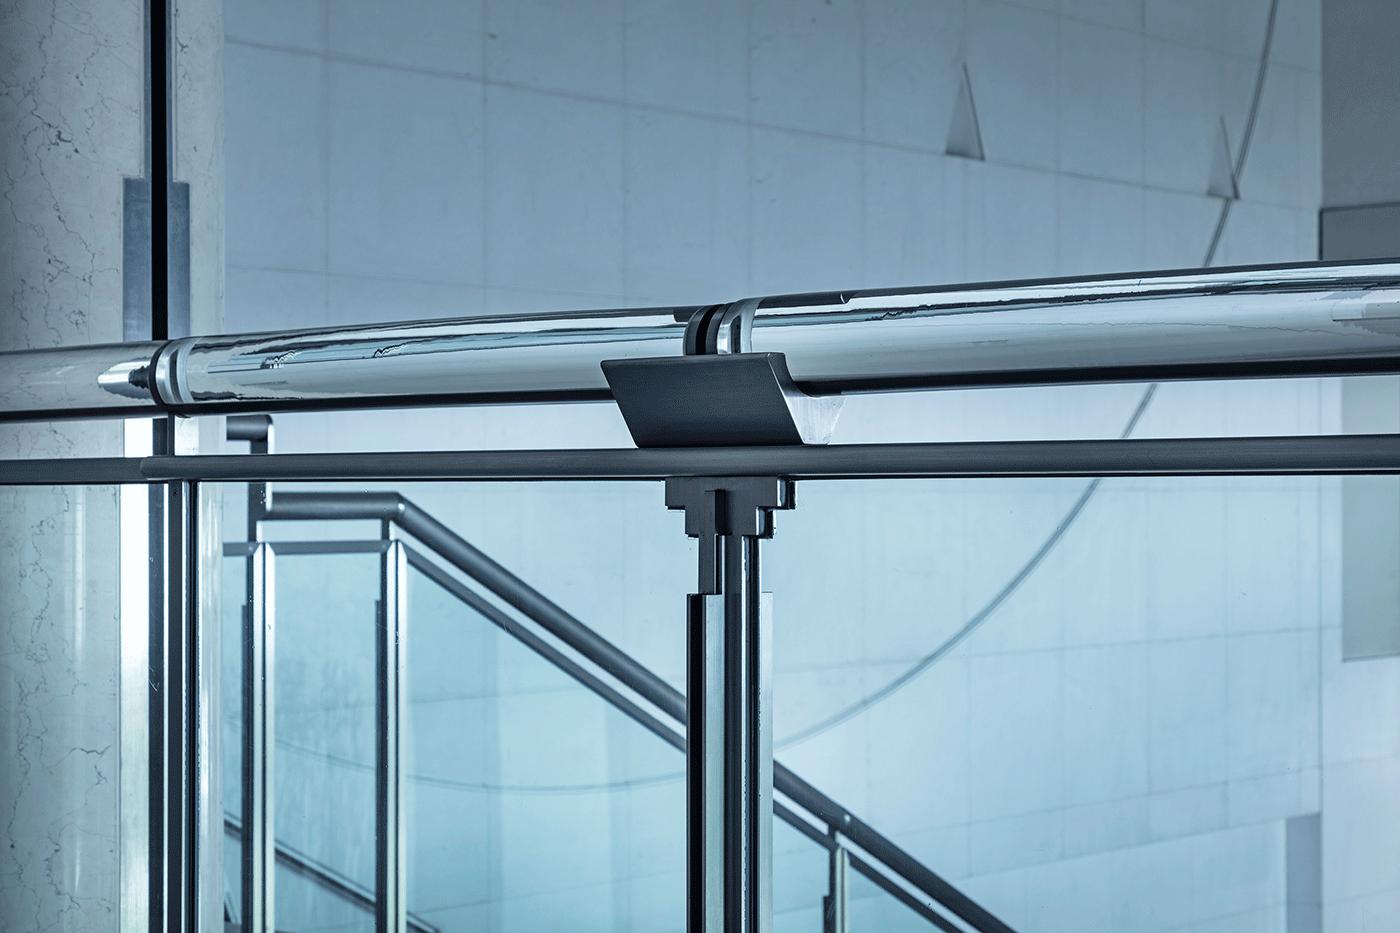 京都国立近代美術館 階段の手摺 撮影:長谷川健太